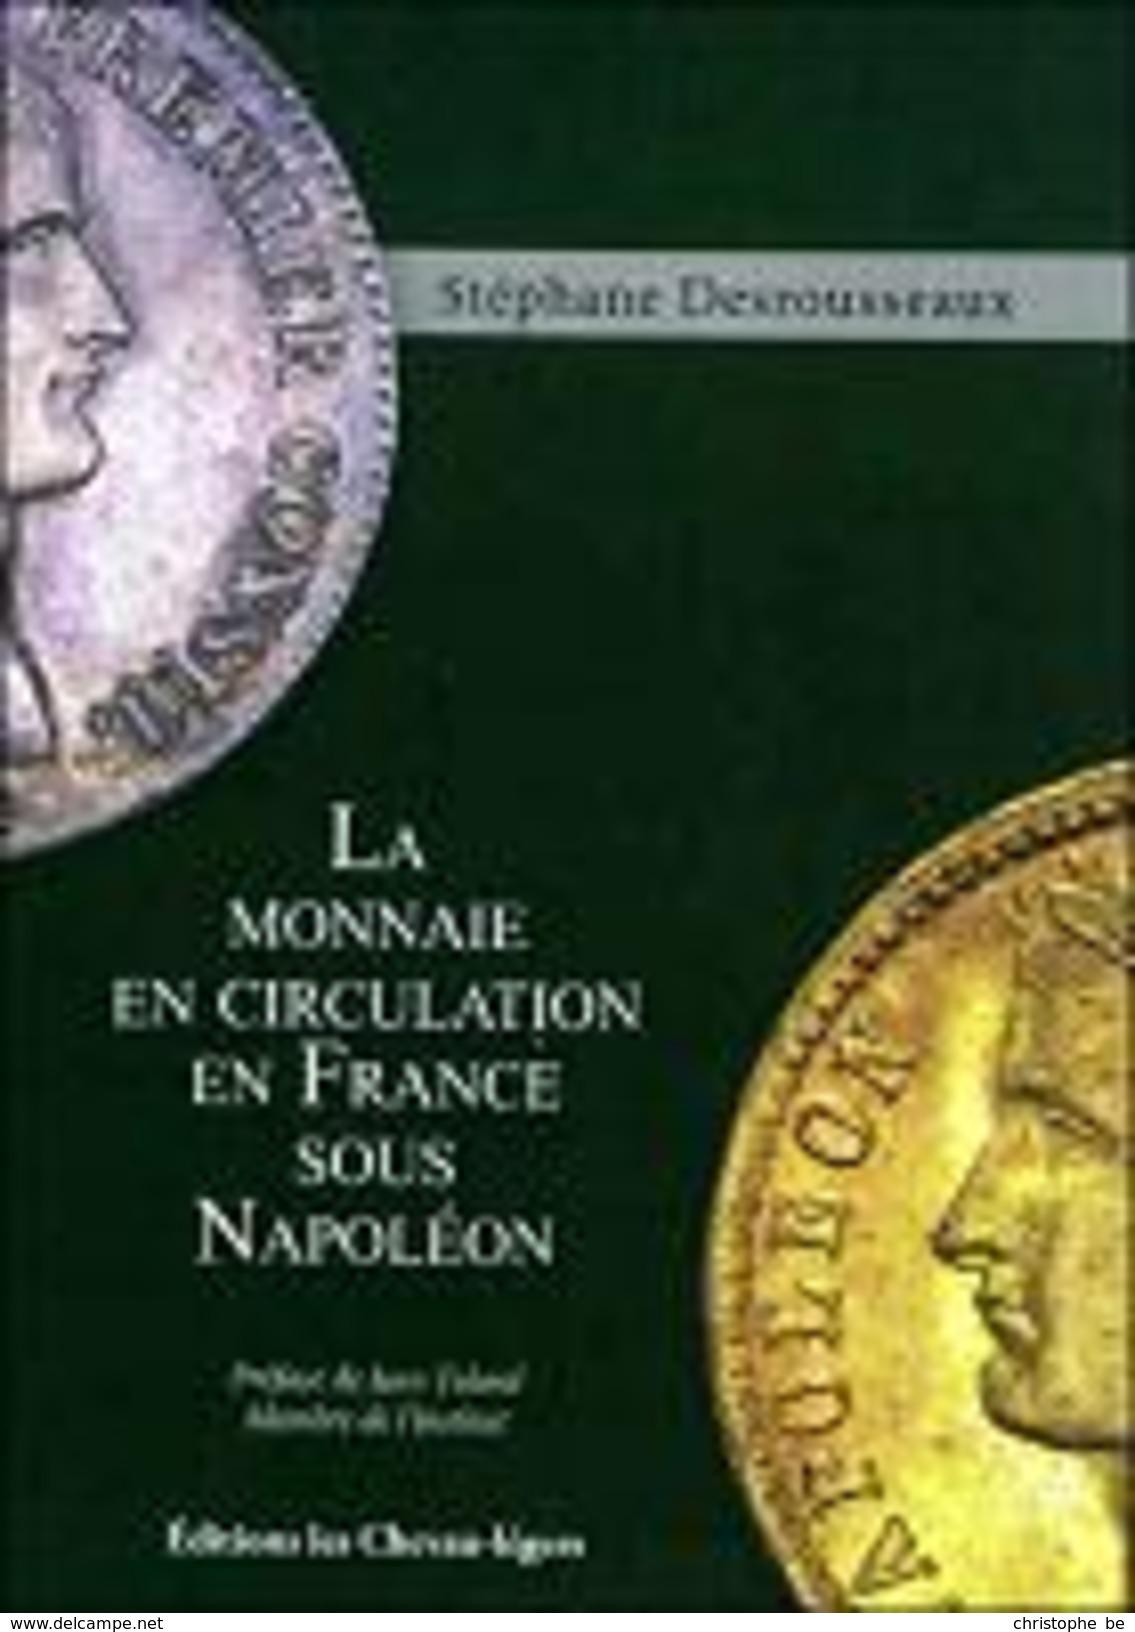 La Monnaie En Circulation Sous Napoléon - Practical